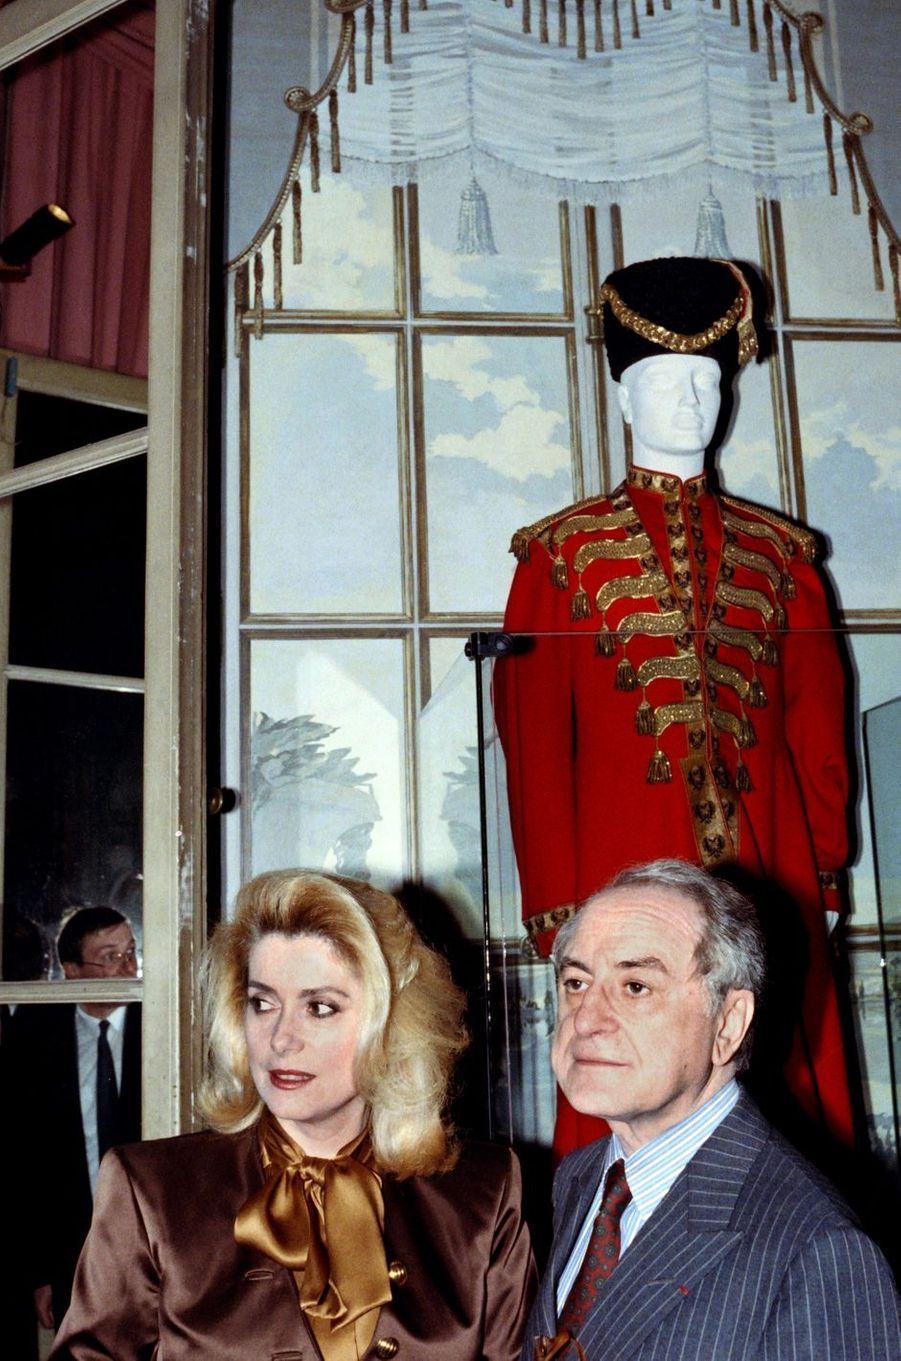 Pierre Bergé et son amie Catherine Deneuve au musée Jacquemart-André à Paris en février 1989.